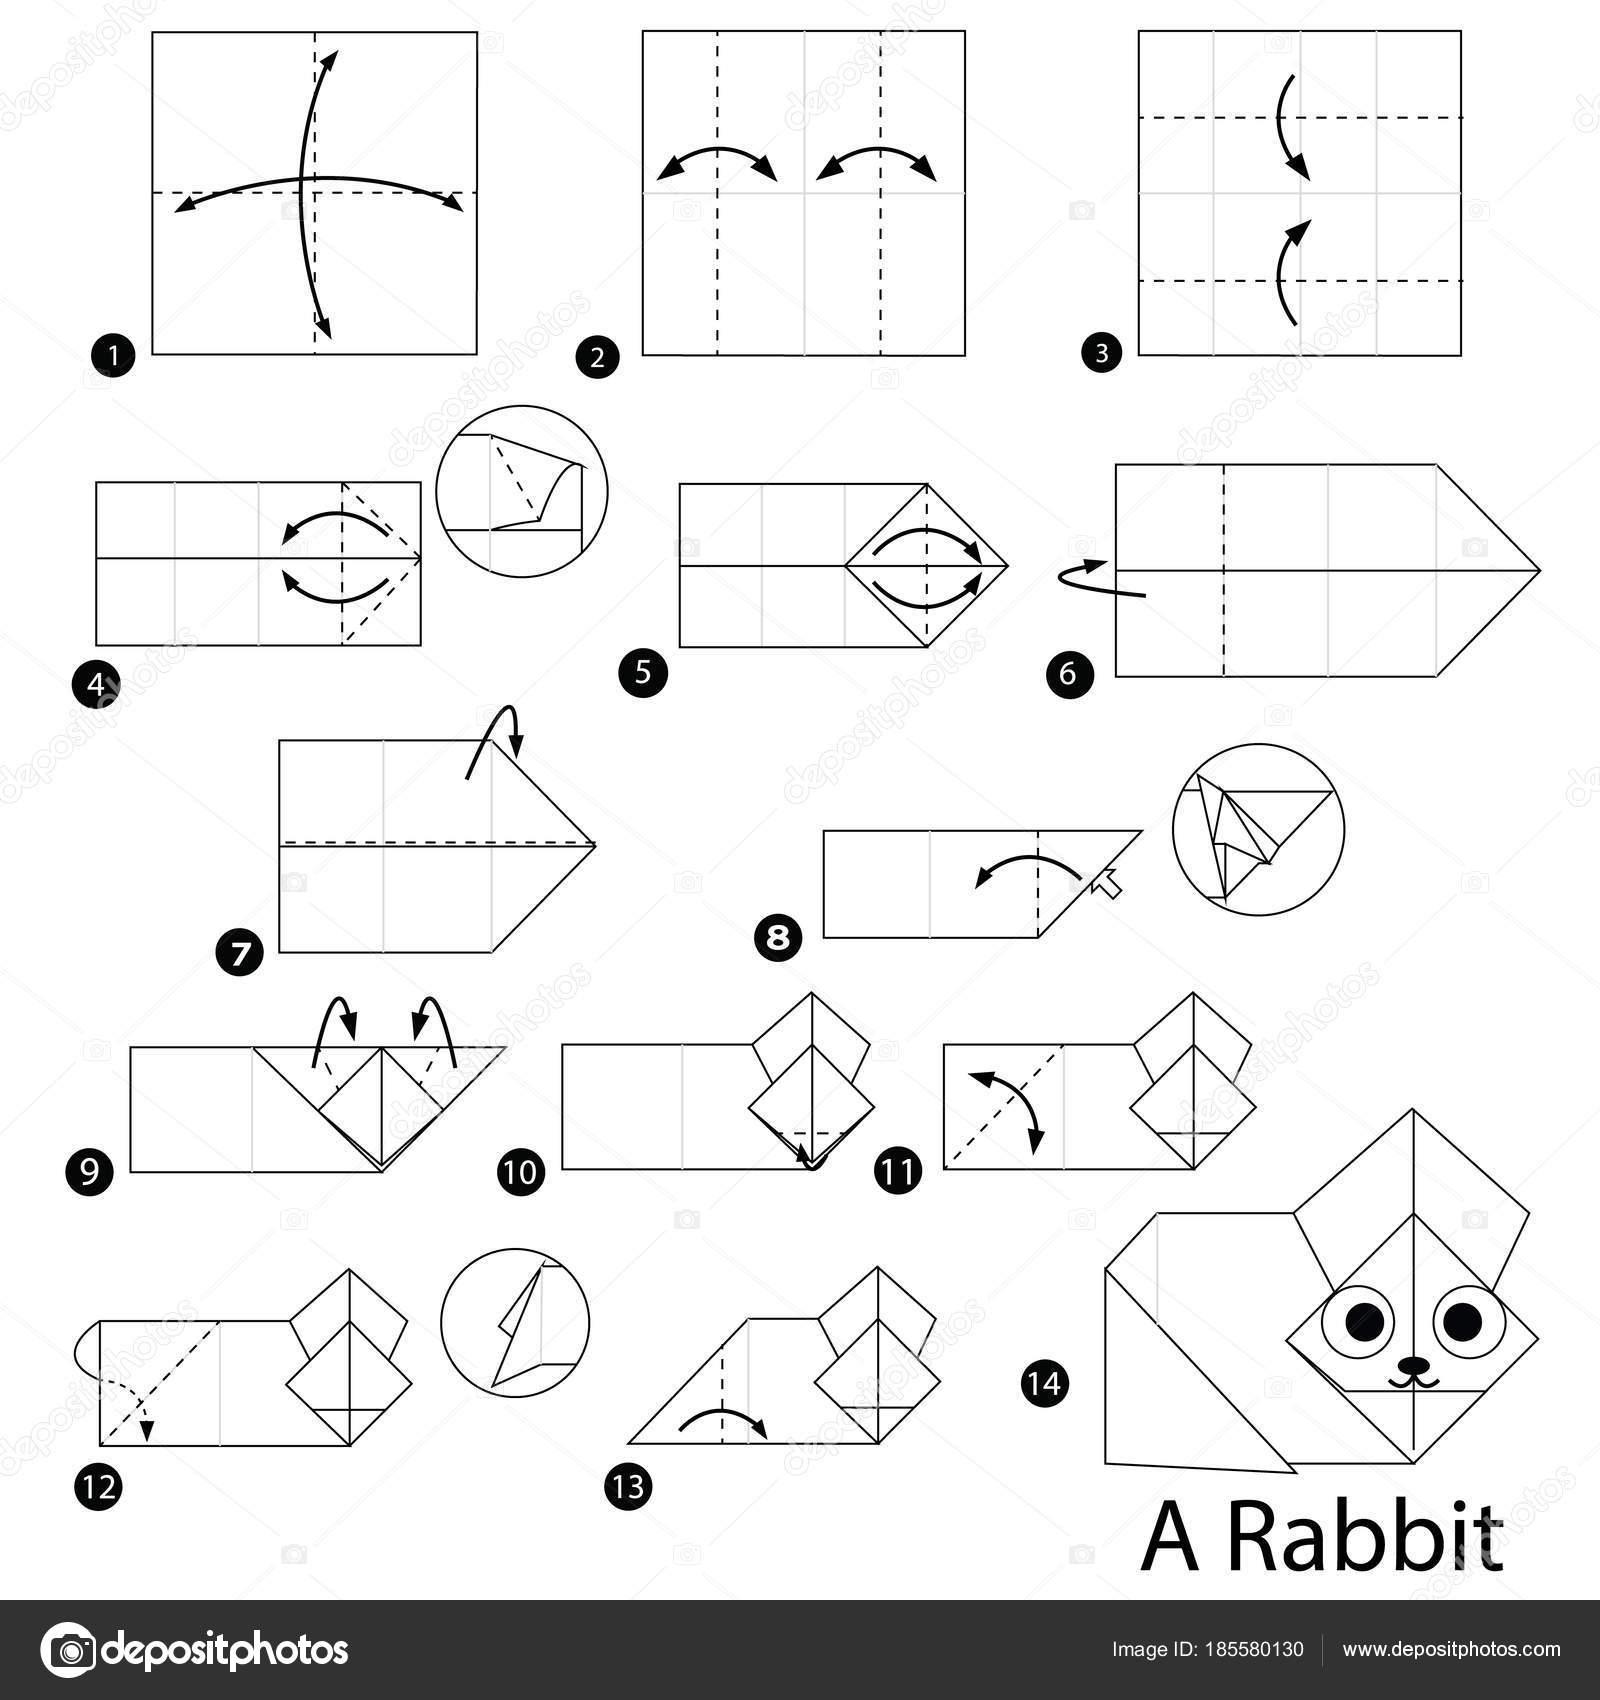 Rabbit Akira Yoshizawa - OrigamiArt.Us | 1700x1600